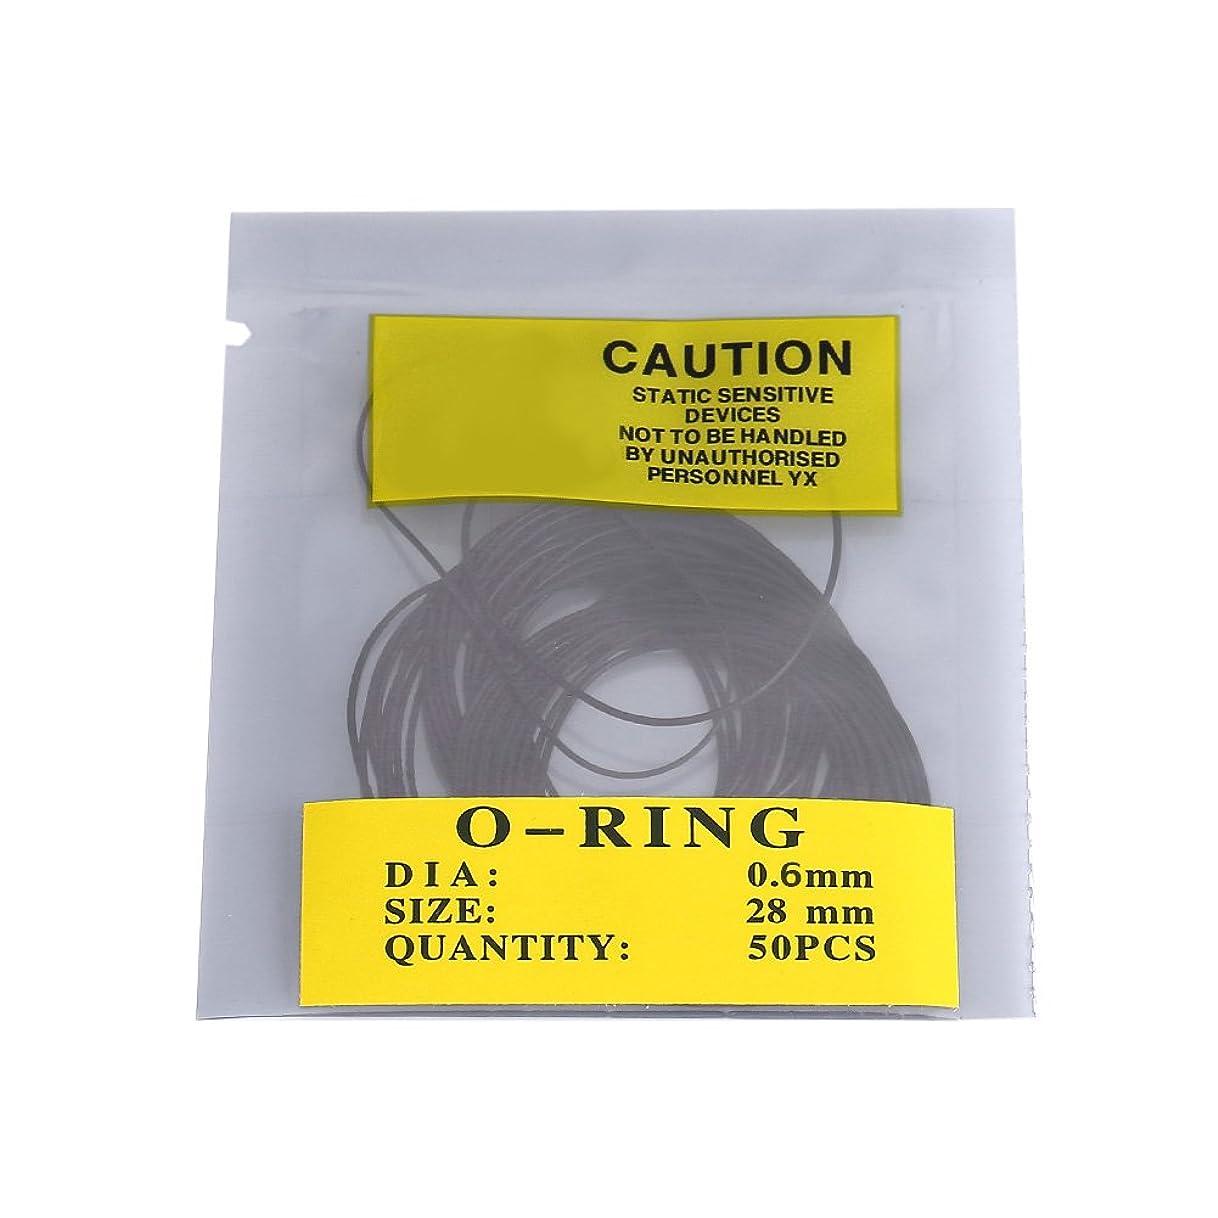 ながらヘビー正統派950pcs 0.5mm/0.6mm/0.7mm Oリングラバーシール 腕時計 防水 パーツ パッキン ゴムリング ラバー DIY/時計メーカー適用 耐久性(0.6mm)